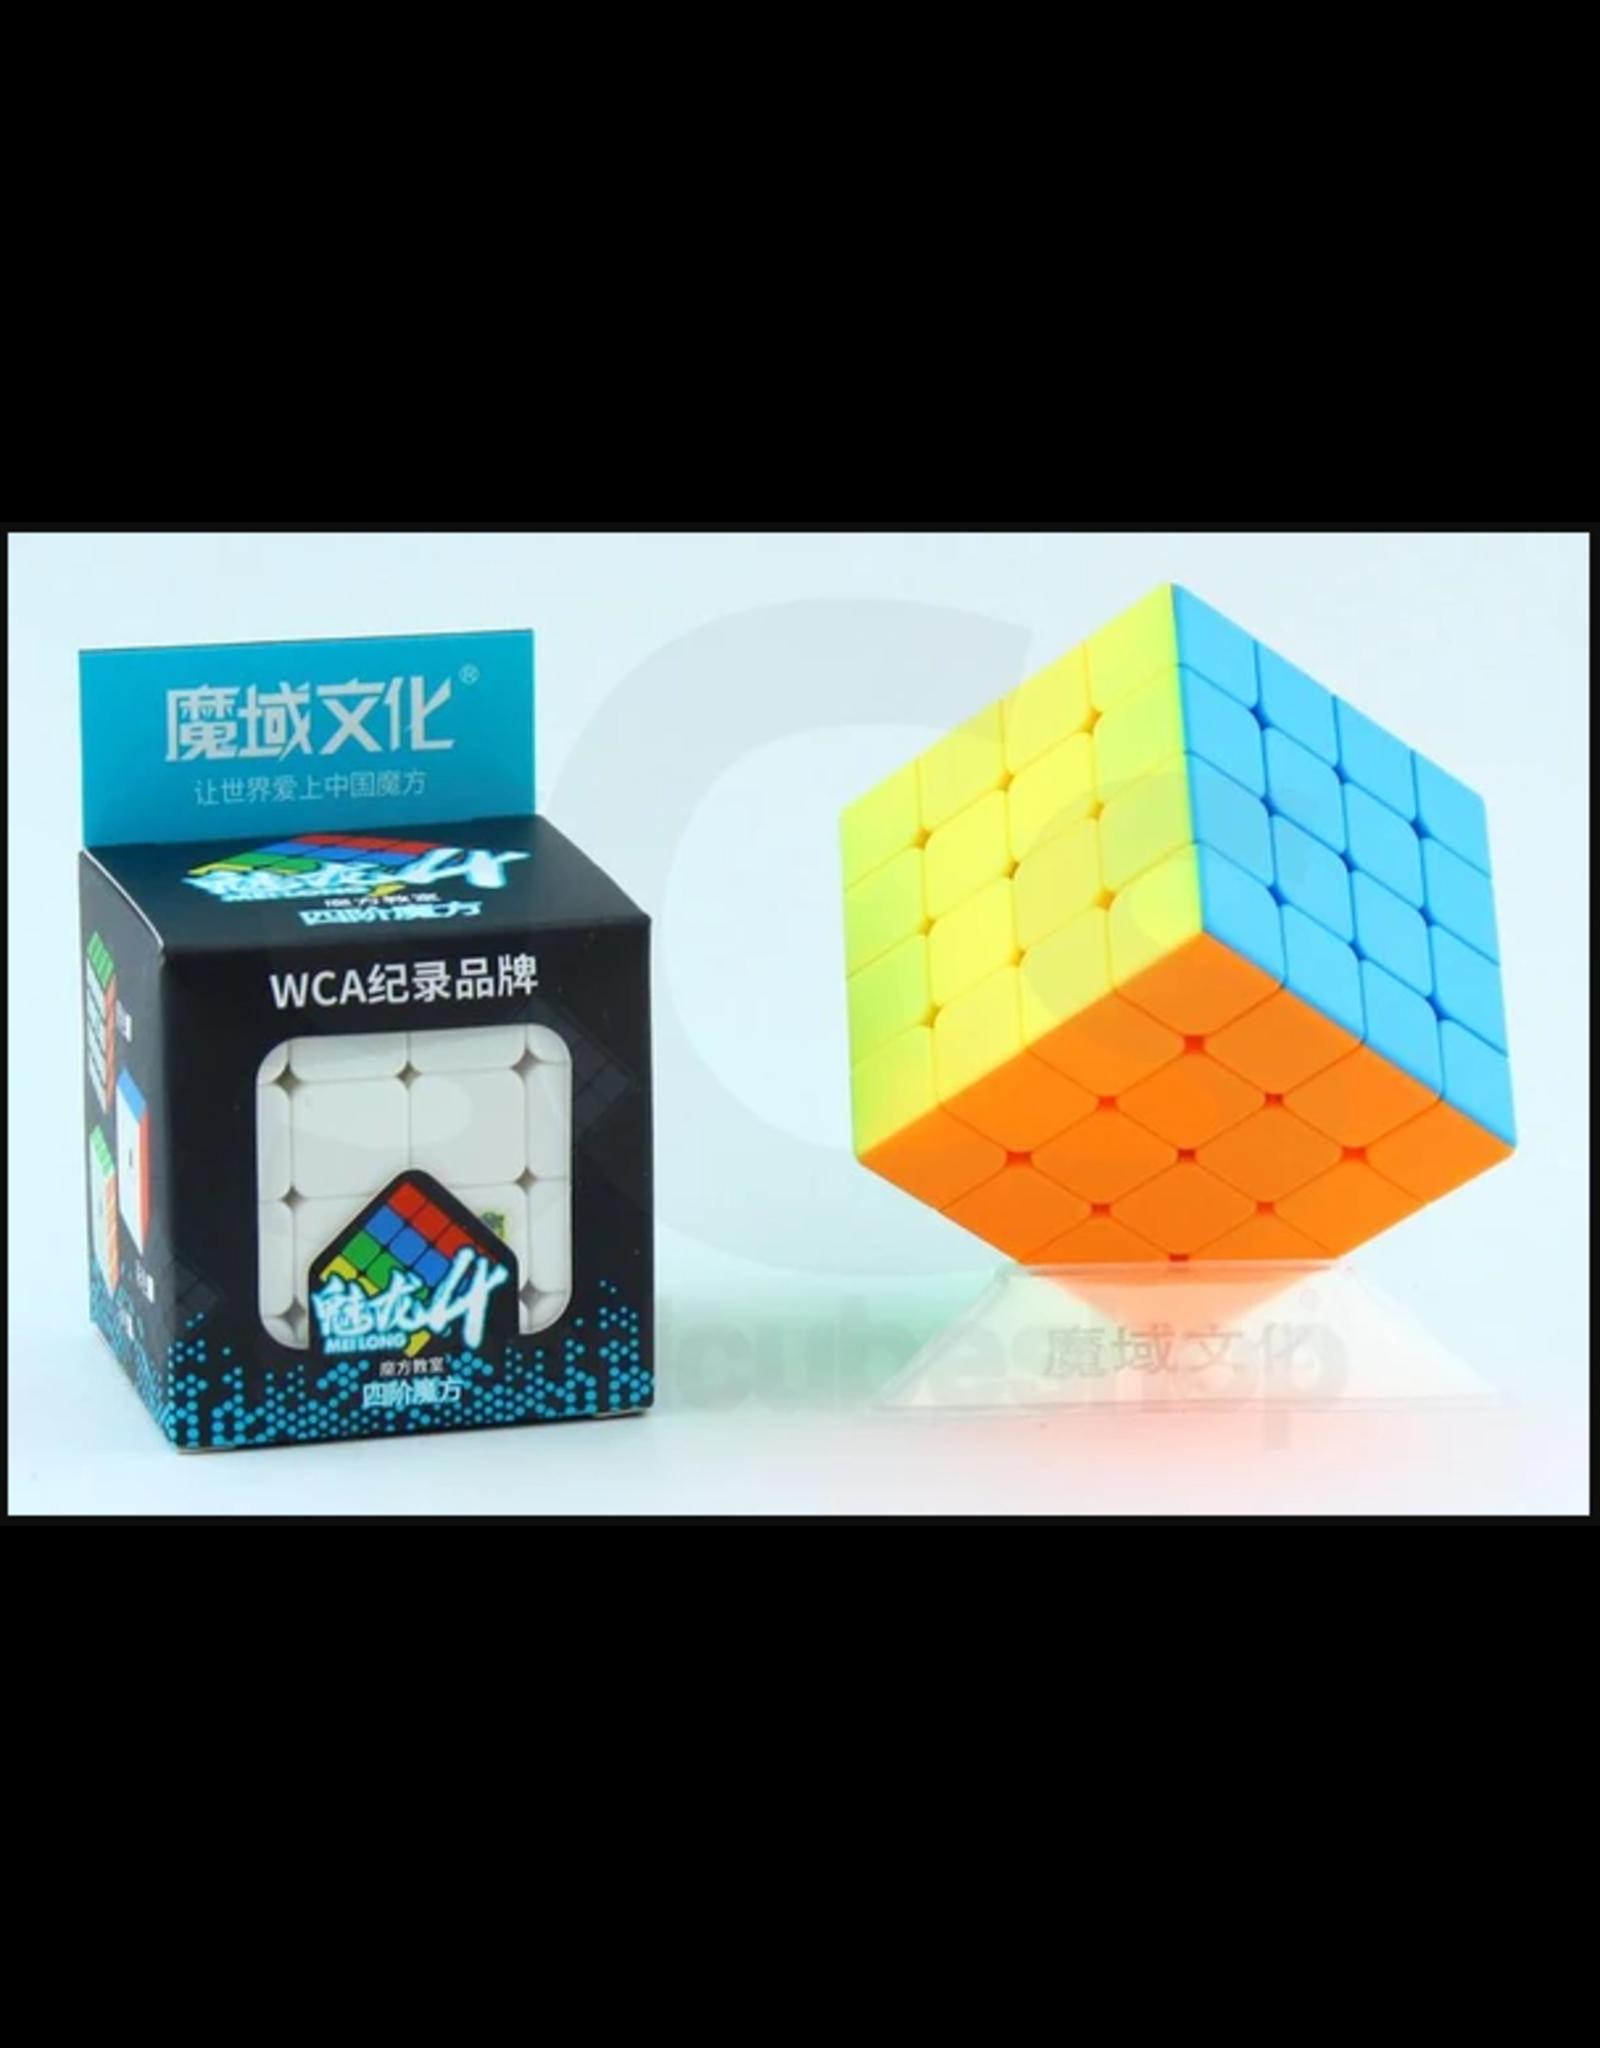 MoFang JiaoShi Speedcube 4x4 (MoFang)